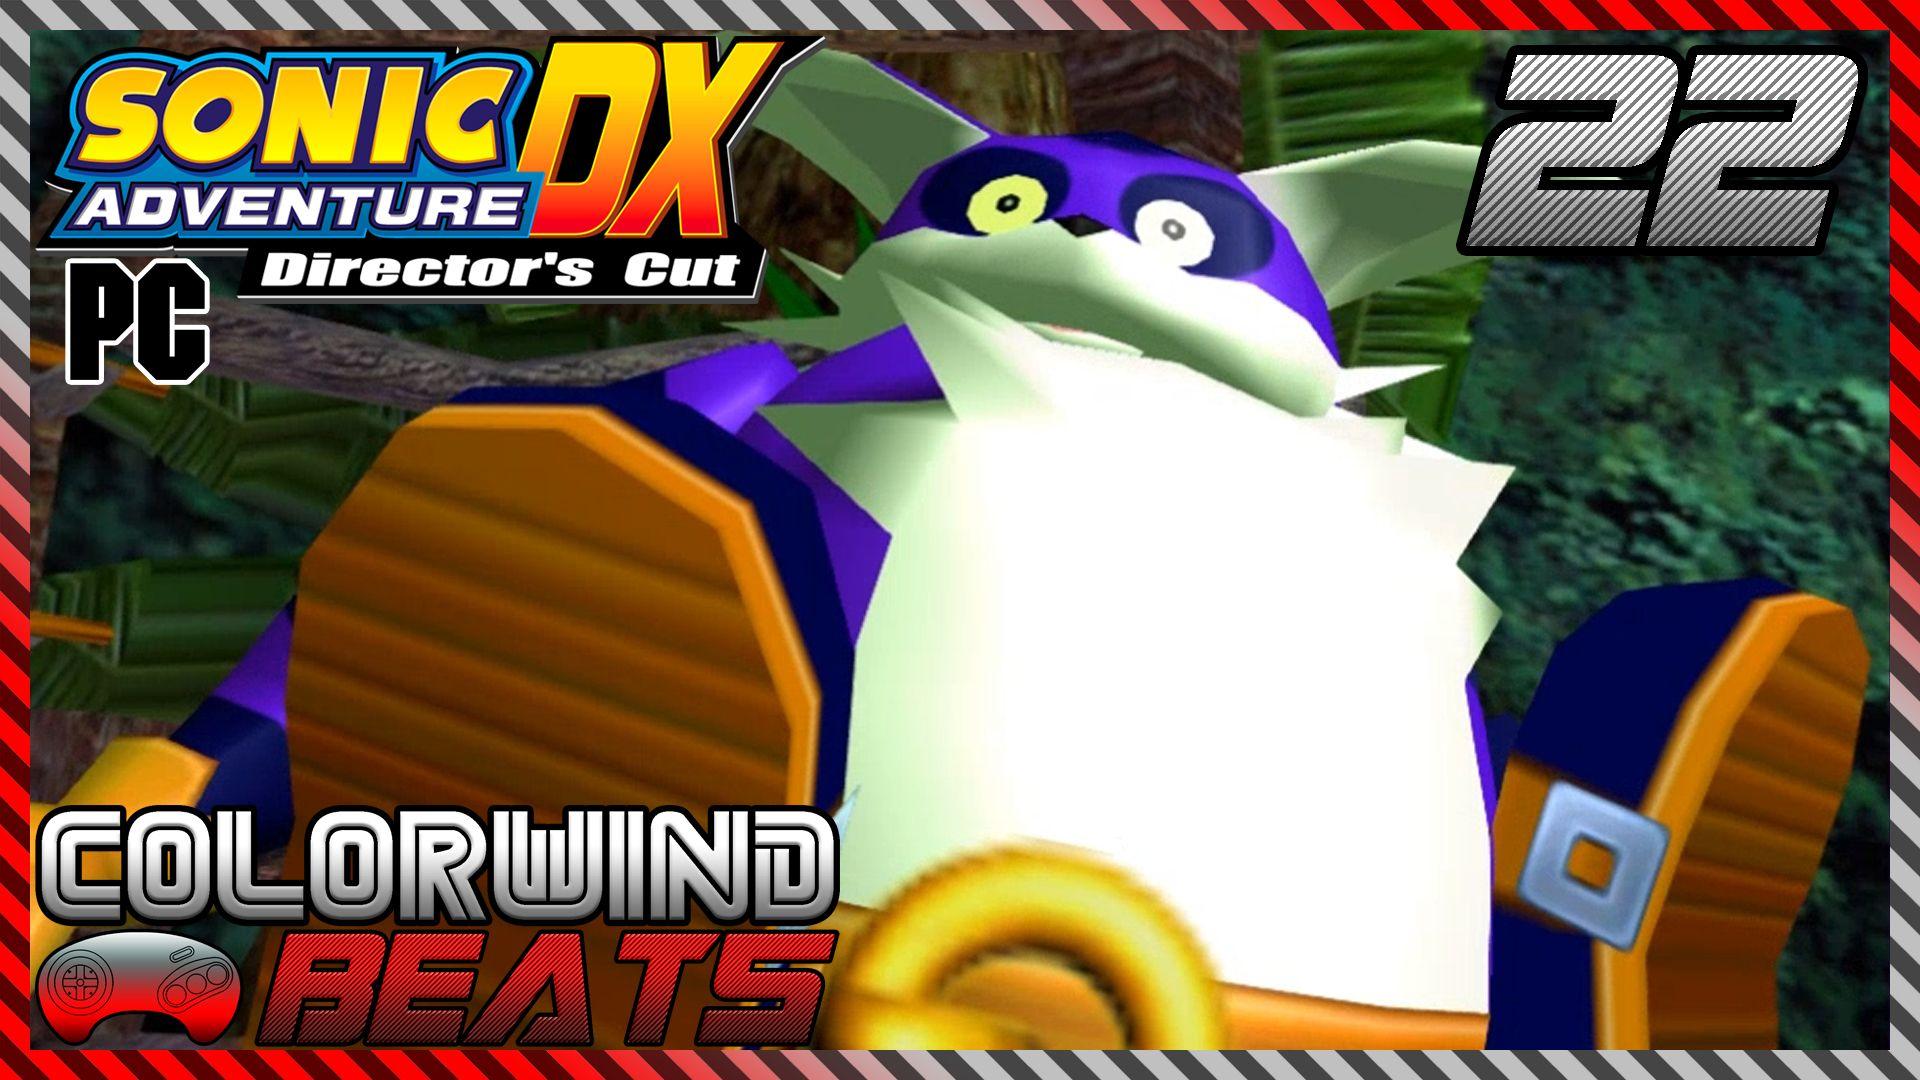 Sonic Adventure Dx Directors Cut Pc